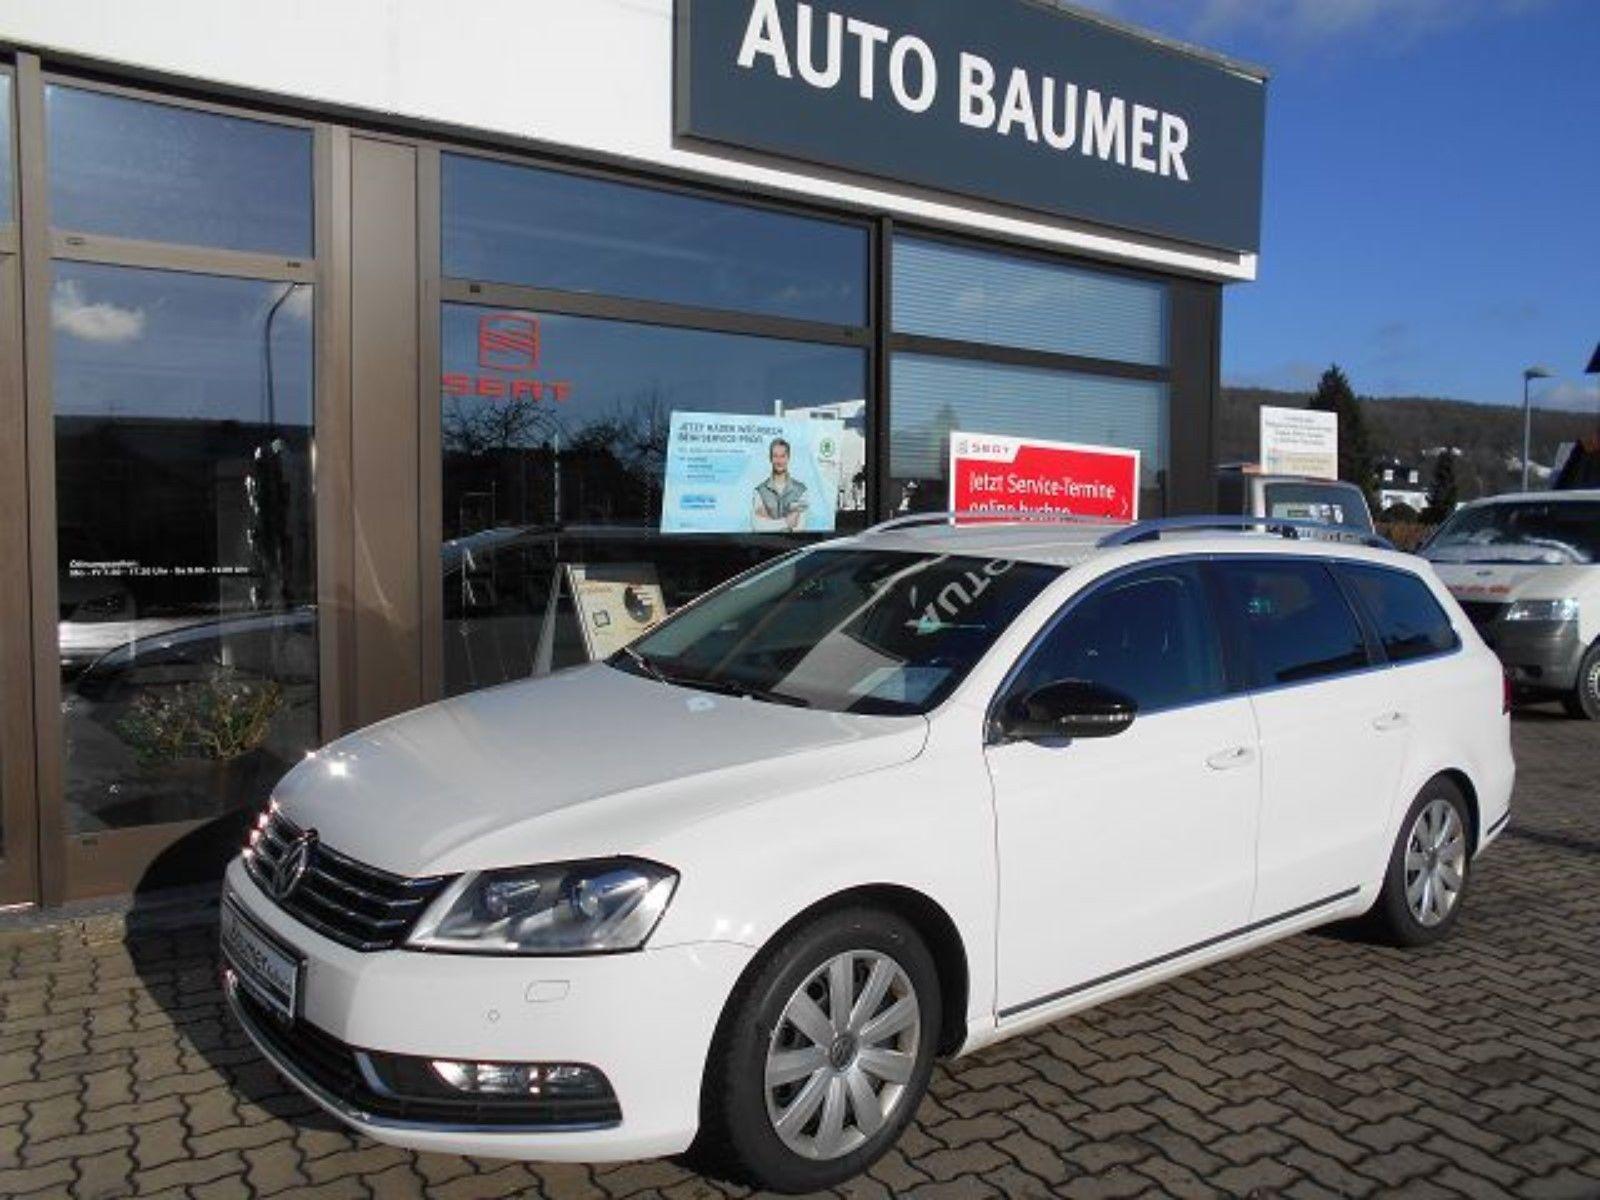 Покупка, внос на кола от Германия - VW Passat Variant 2014 Business Edition weiss 2.0 TDI 140PS DSG Navi (2)